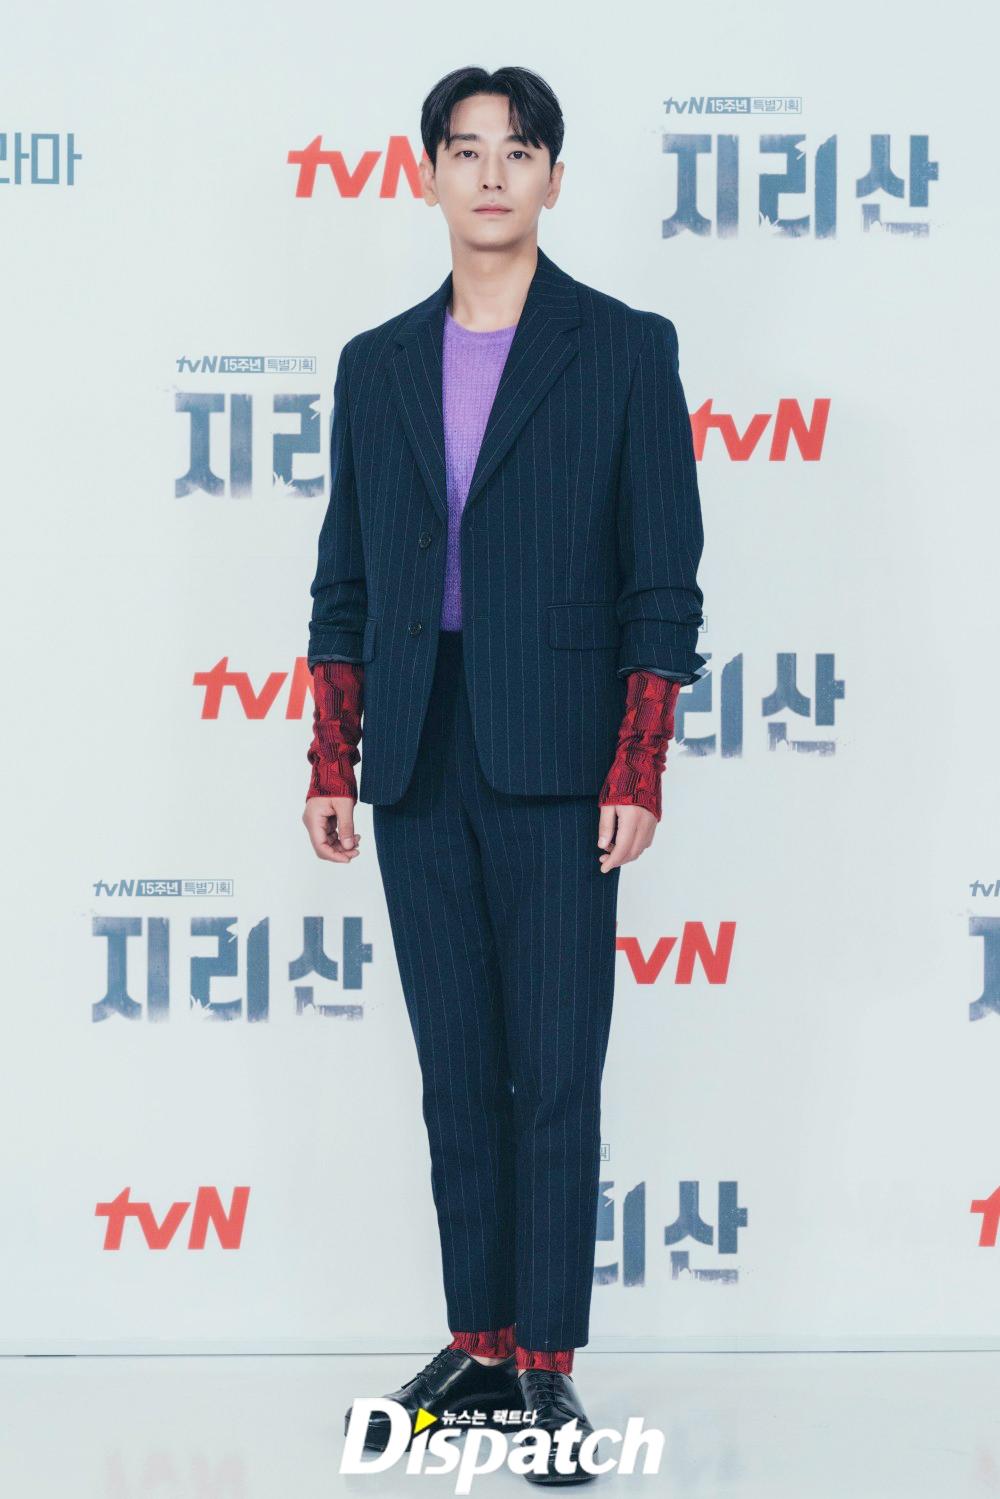 Sự kiện toàn cầu hot nhất hôm nay: Jeon Ji Hyun hở bạo khoe body khó tin, thái tử Joo Ji Hoon lần đầu hé lộ quan hệ với mợ chảnh - Ảnh 6.